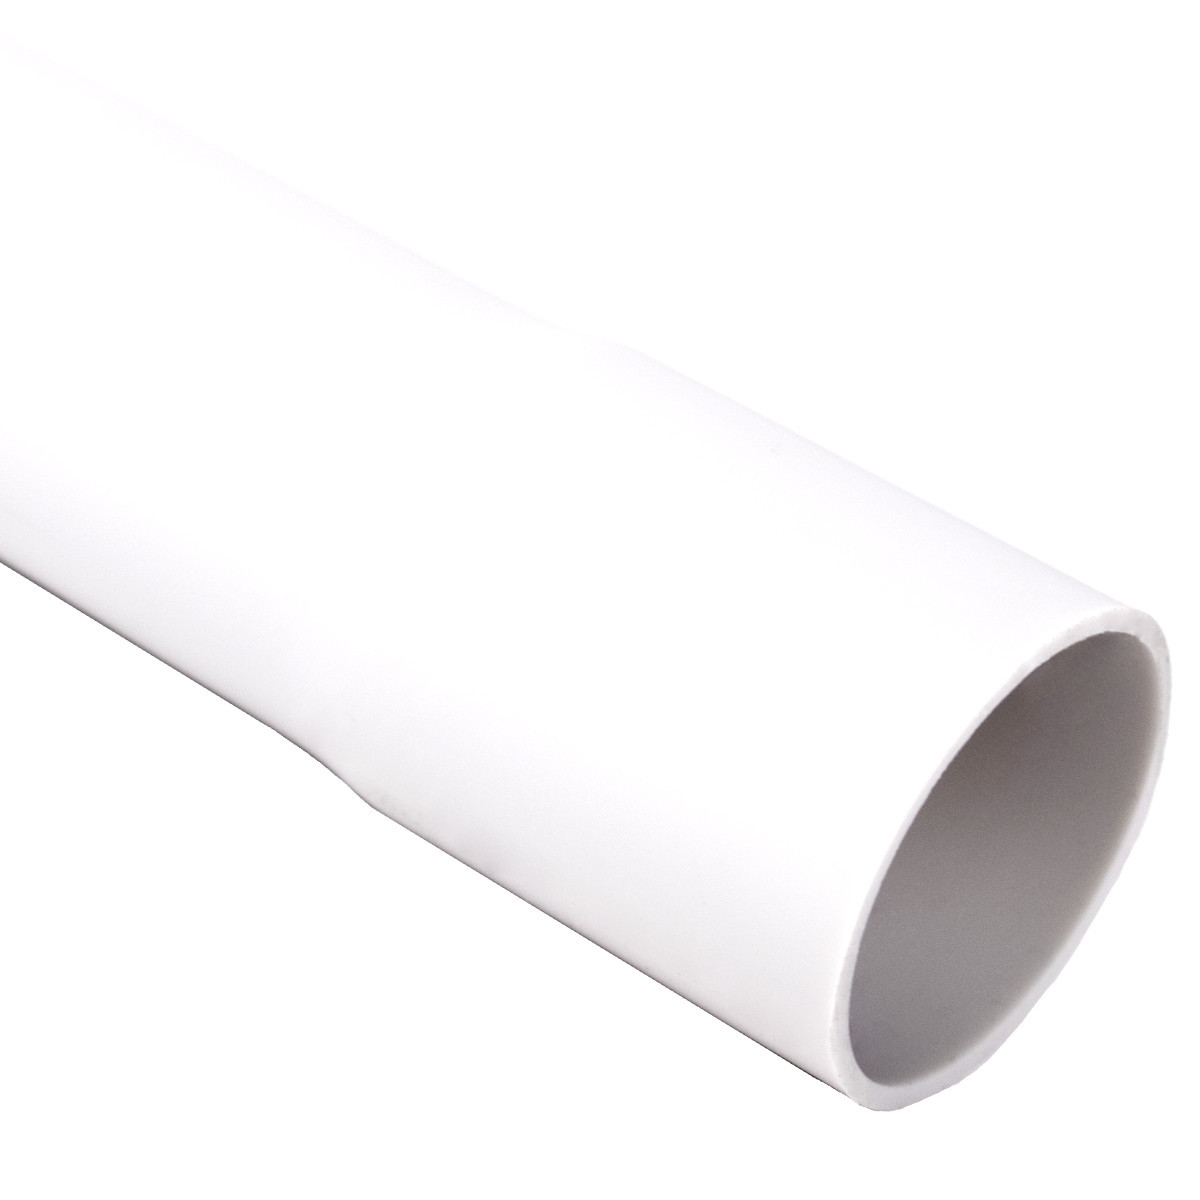 Труба жорстка 320 N/5см з раструбом для з'єднання; Ø63мм; ПВХ;; довжина 3м; t застосування -25+60 °с; біла; Упаковка 15 шт